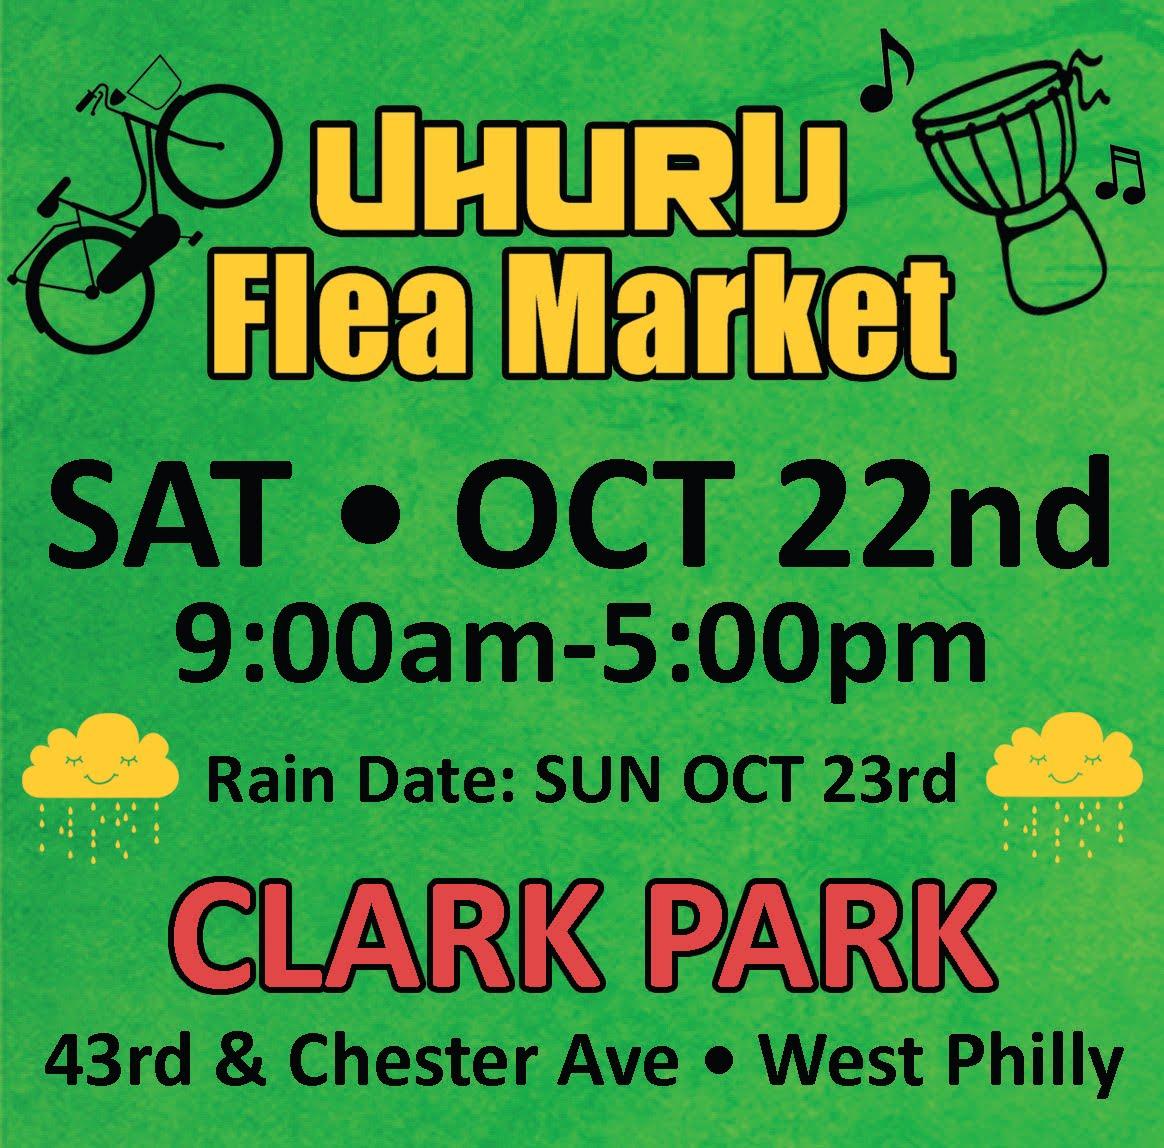 Join the Team to Build the Uhuru Flea Market!